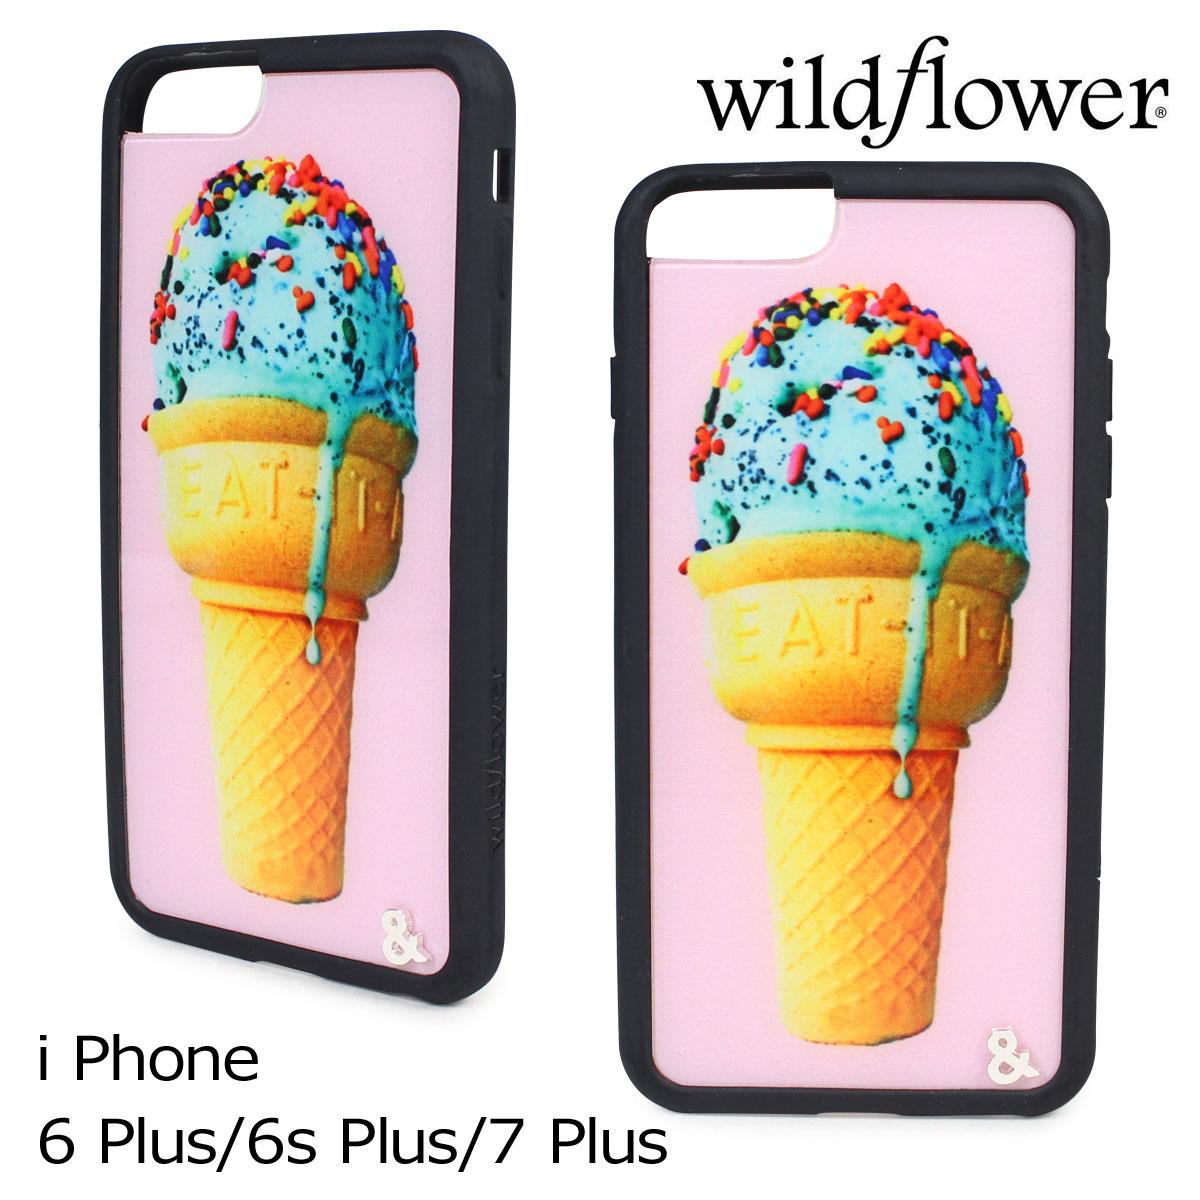 wildflower iphone 7 case